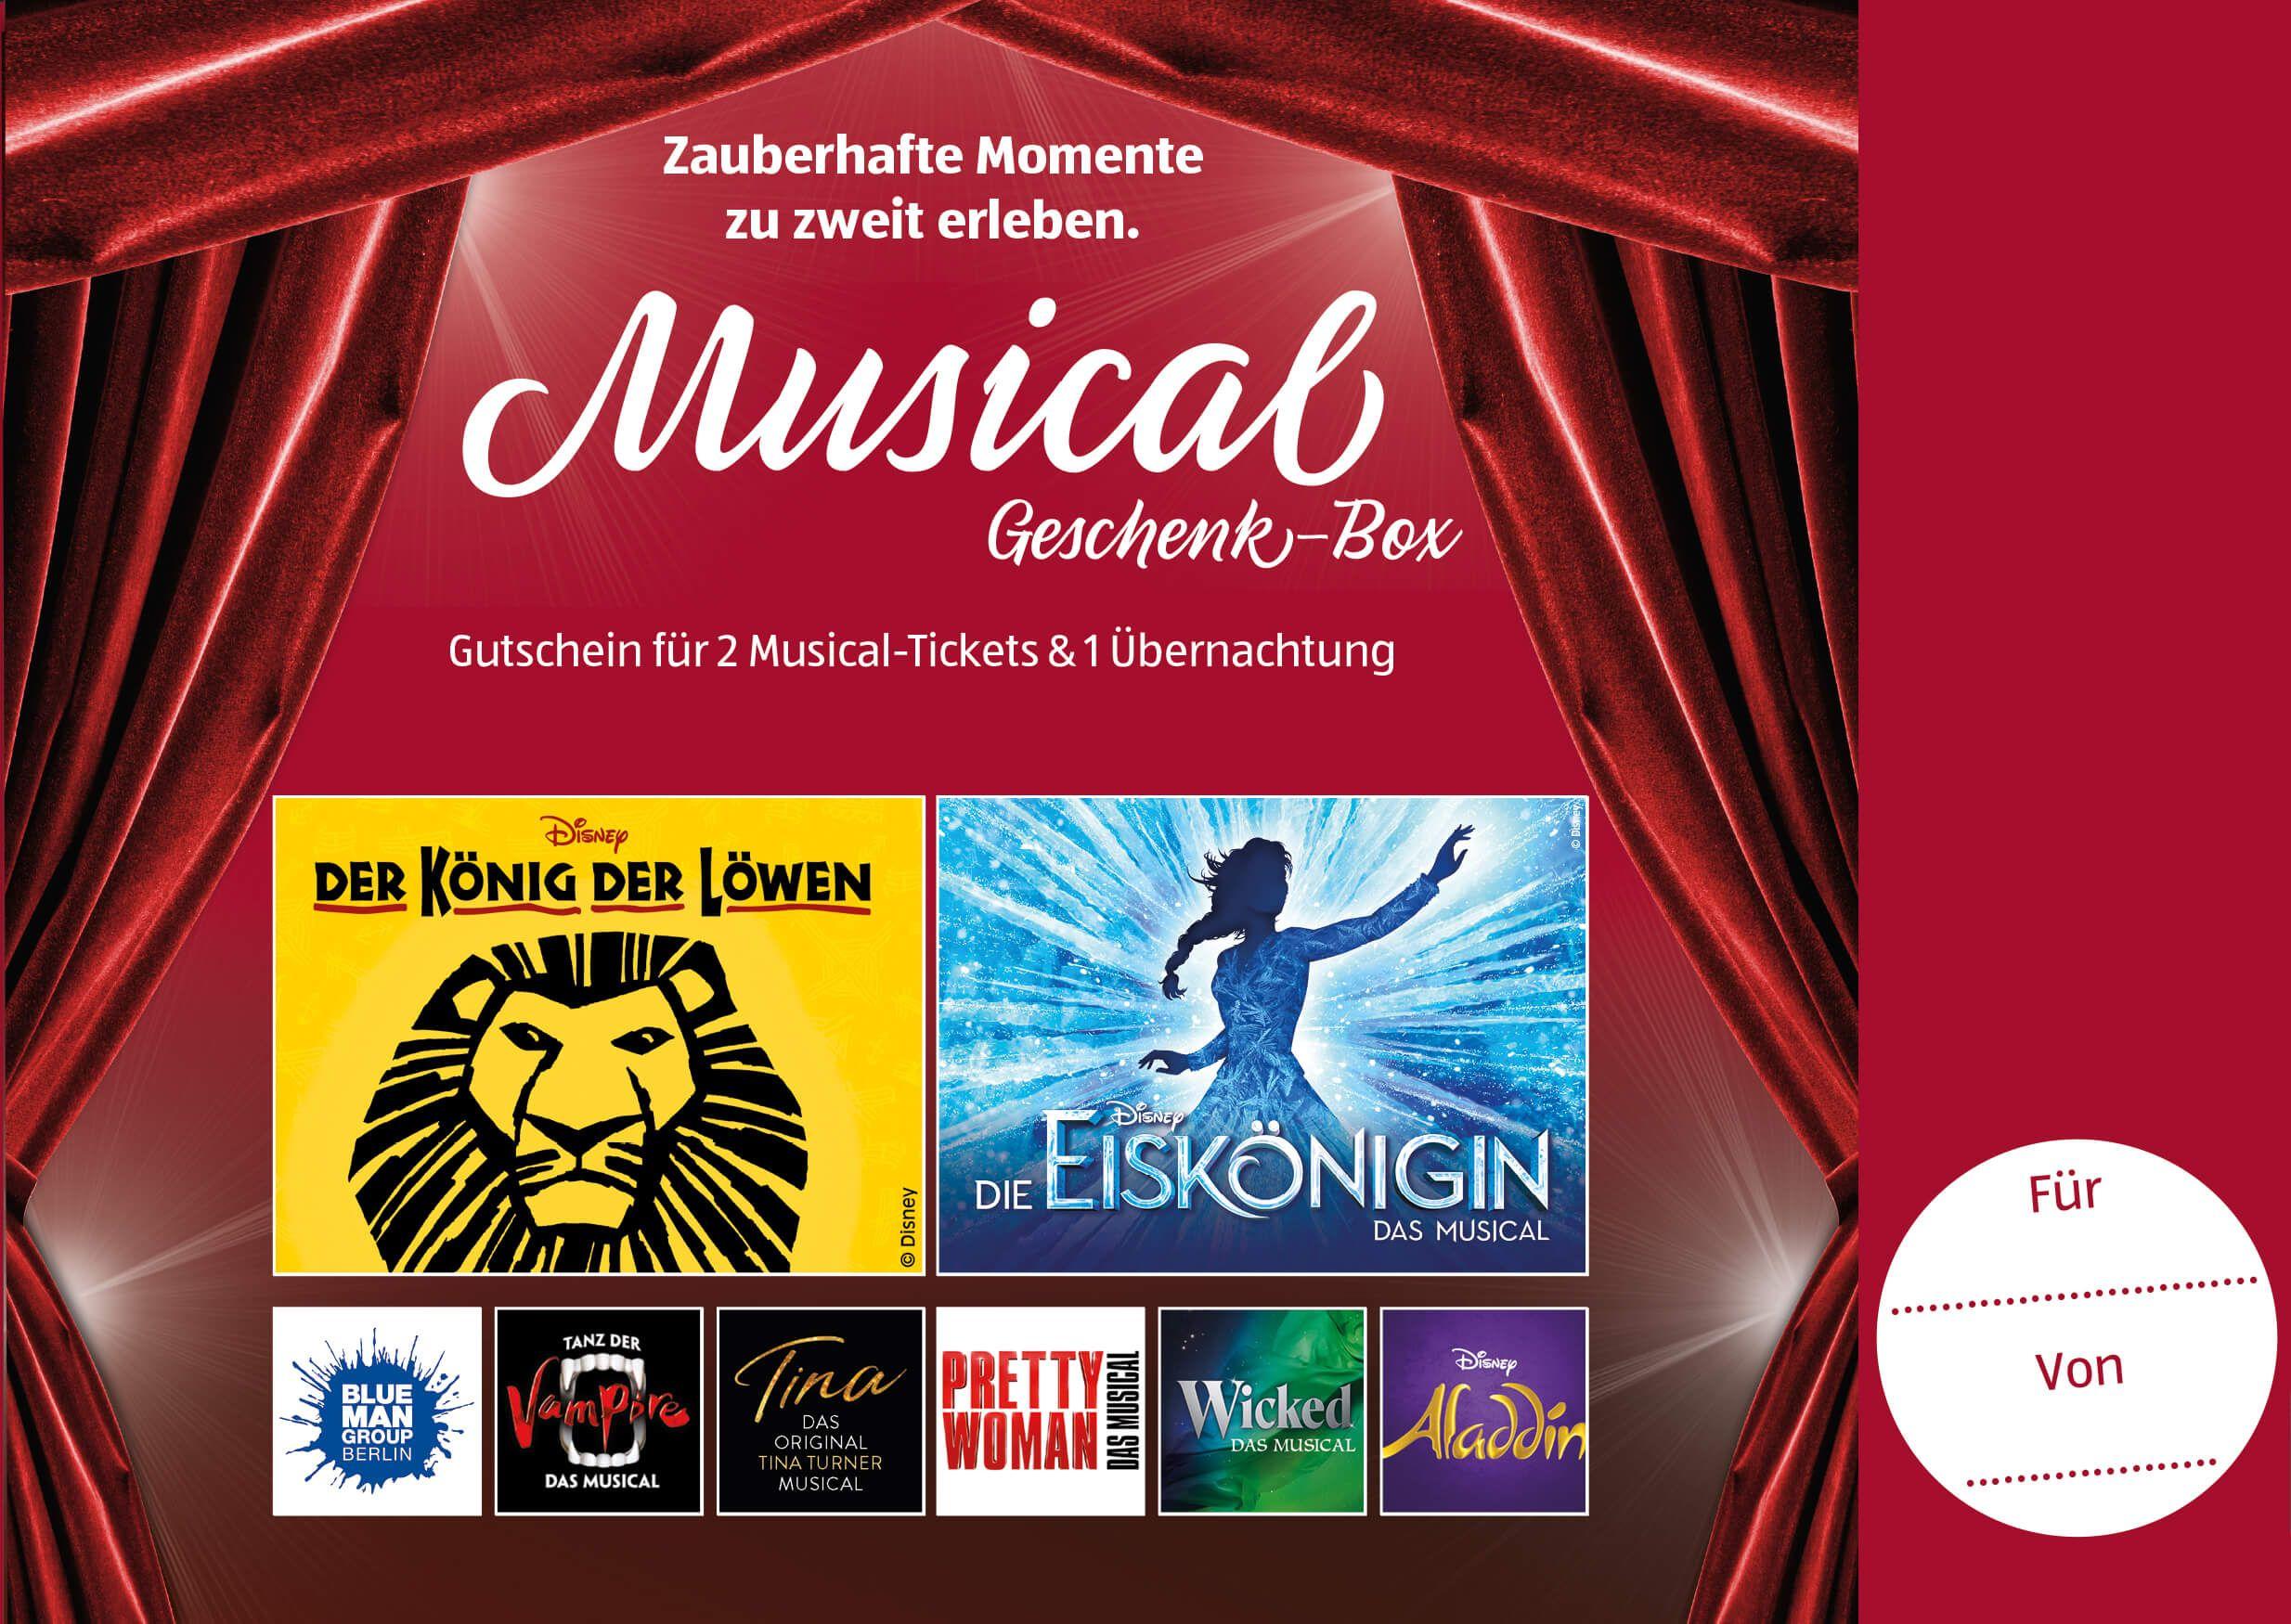 [Aldi-Reisen 2021] Städtereise für 2P / 2 Tickets für ein Musical deiner Wahl plus 1 ÜN im Hotel / HH, Berlin, Stuttgart